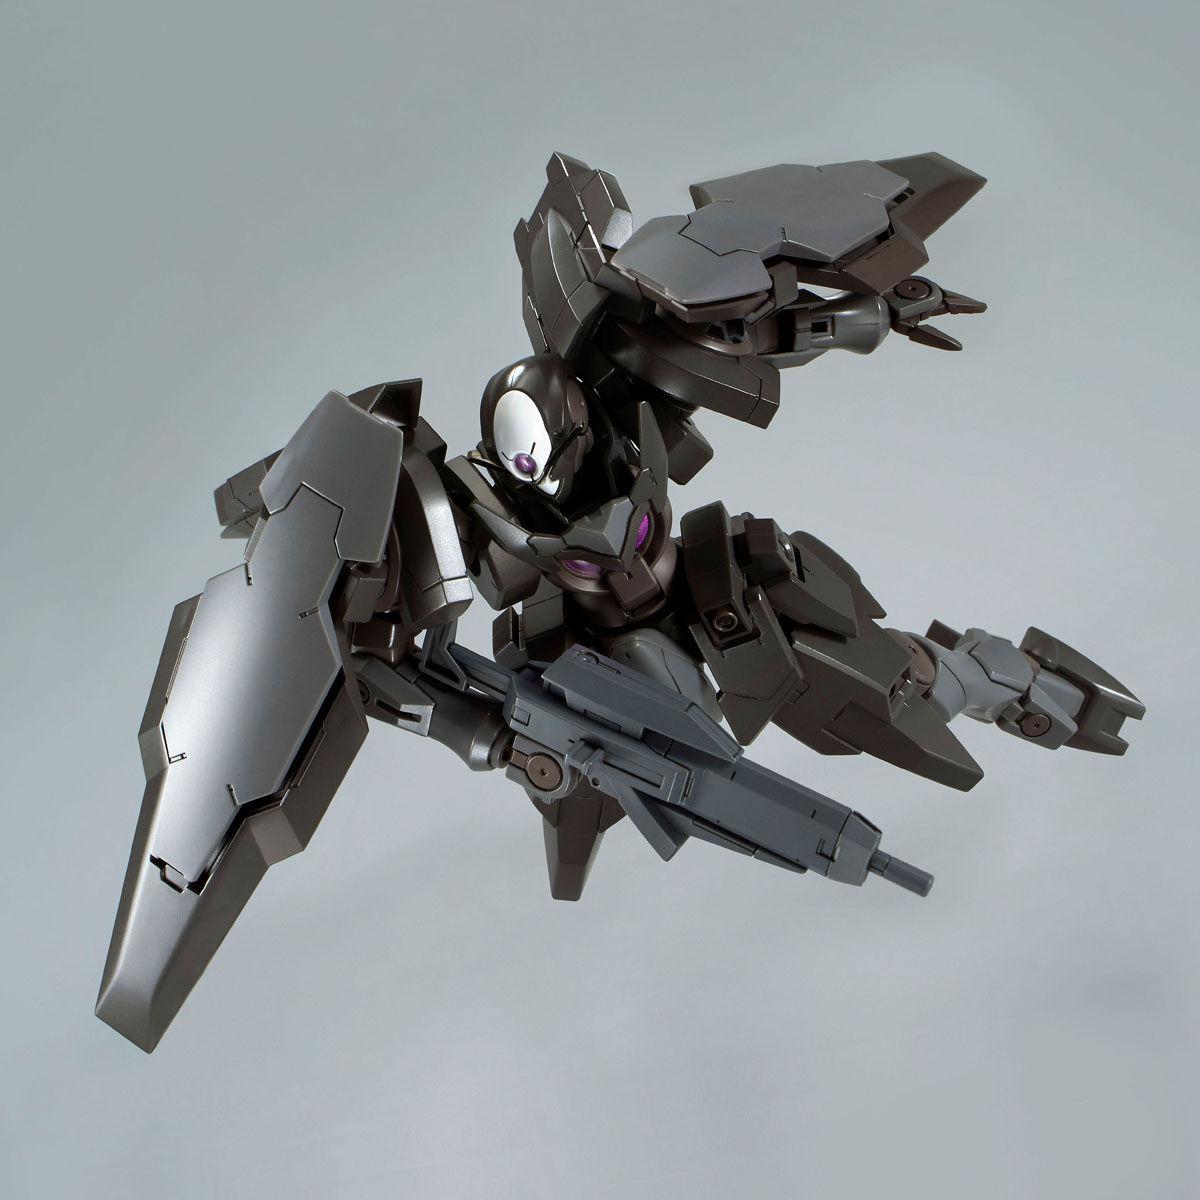 GNX-803T ジンクスIV 指揮官機[パトリック・コーラサワー専用機]